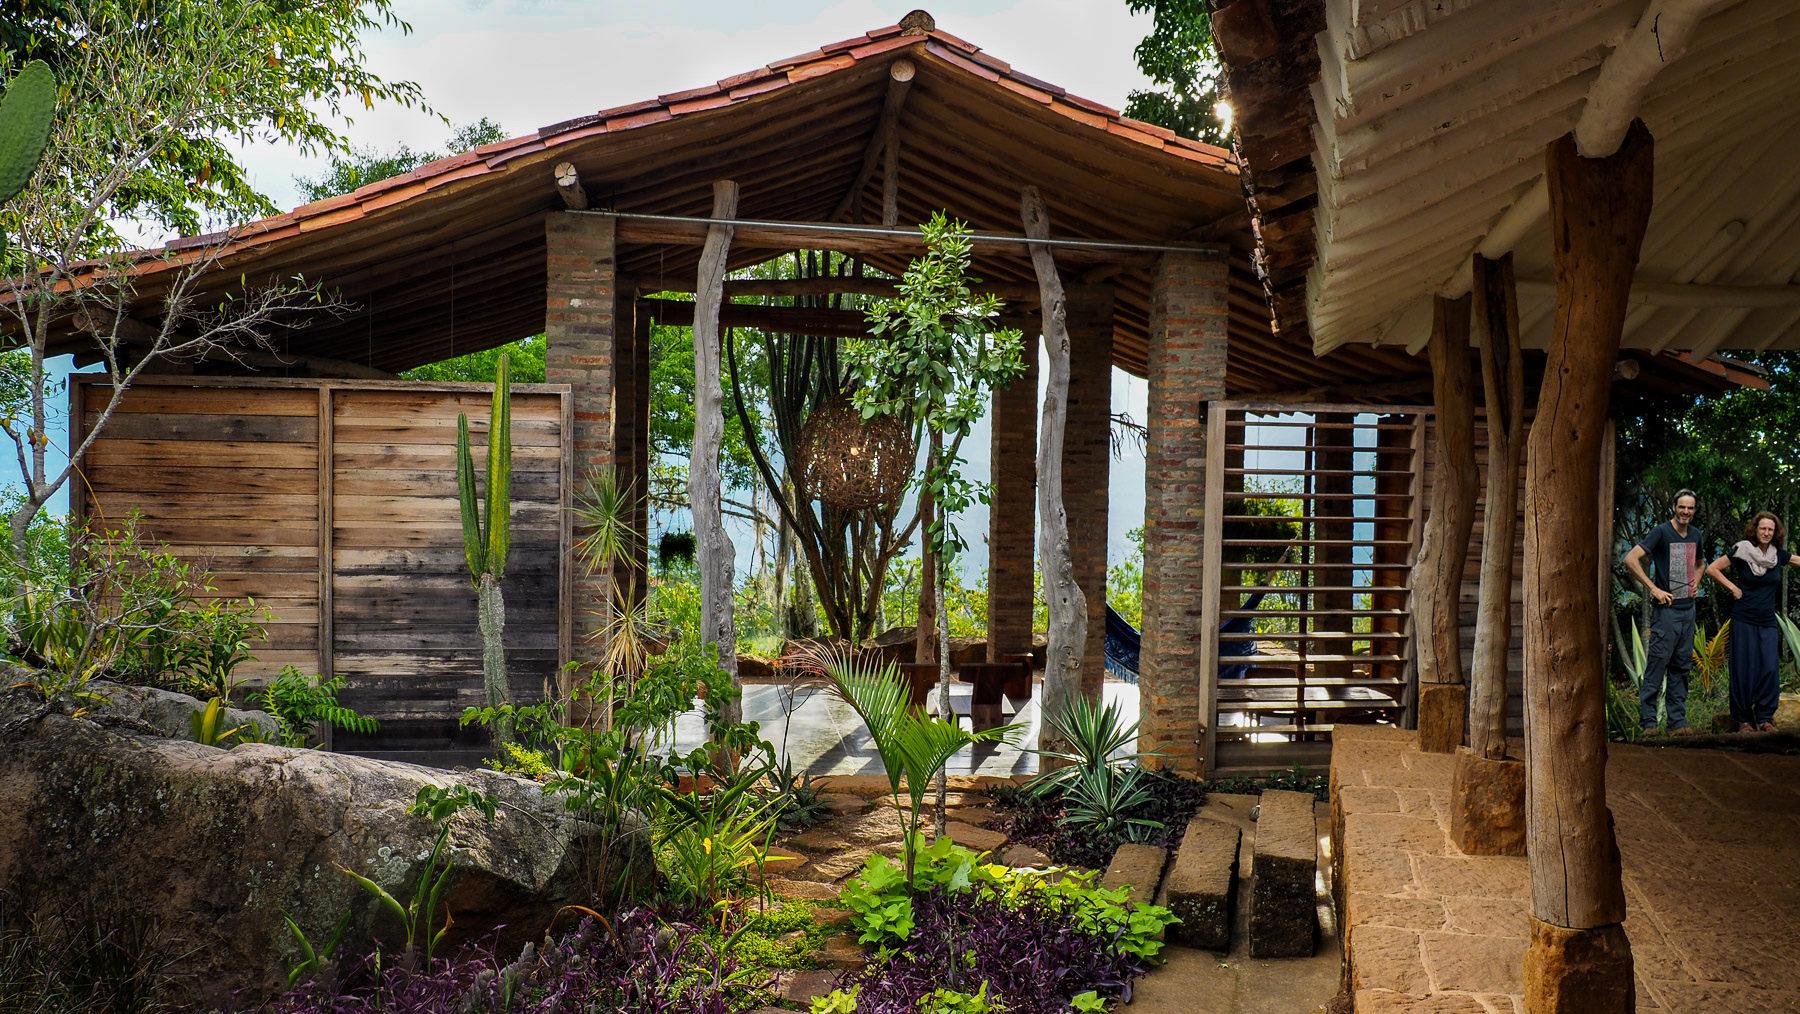 Das herrliche, völlig offene Haupthaus mit Wohnzimmer und Küche von Jupp und Julia auf Guaimaro